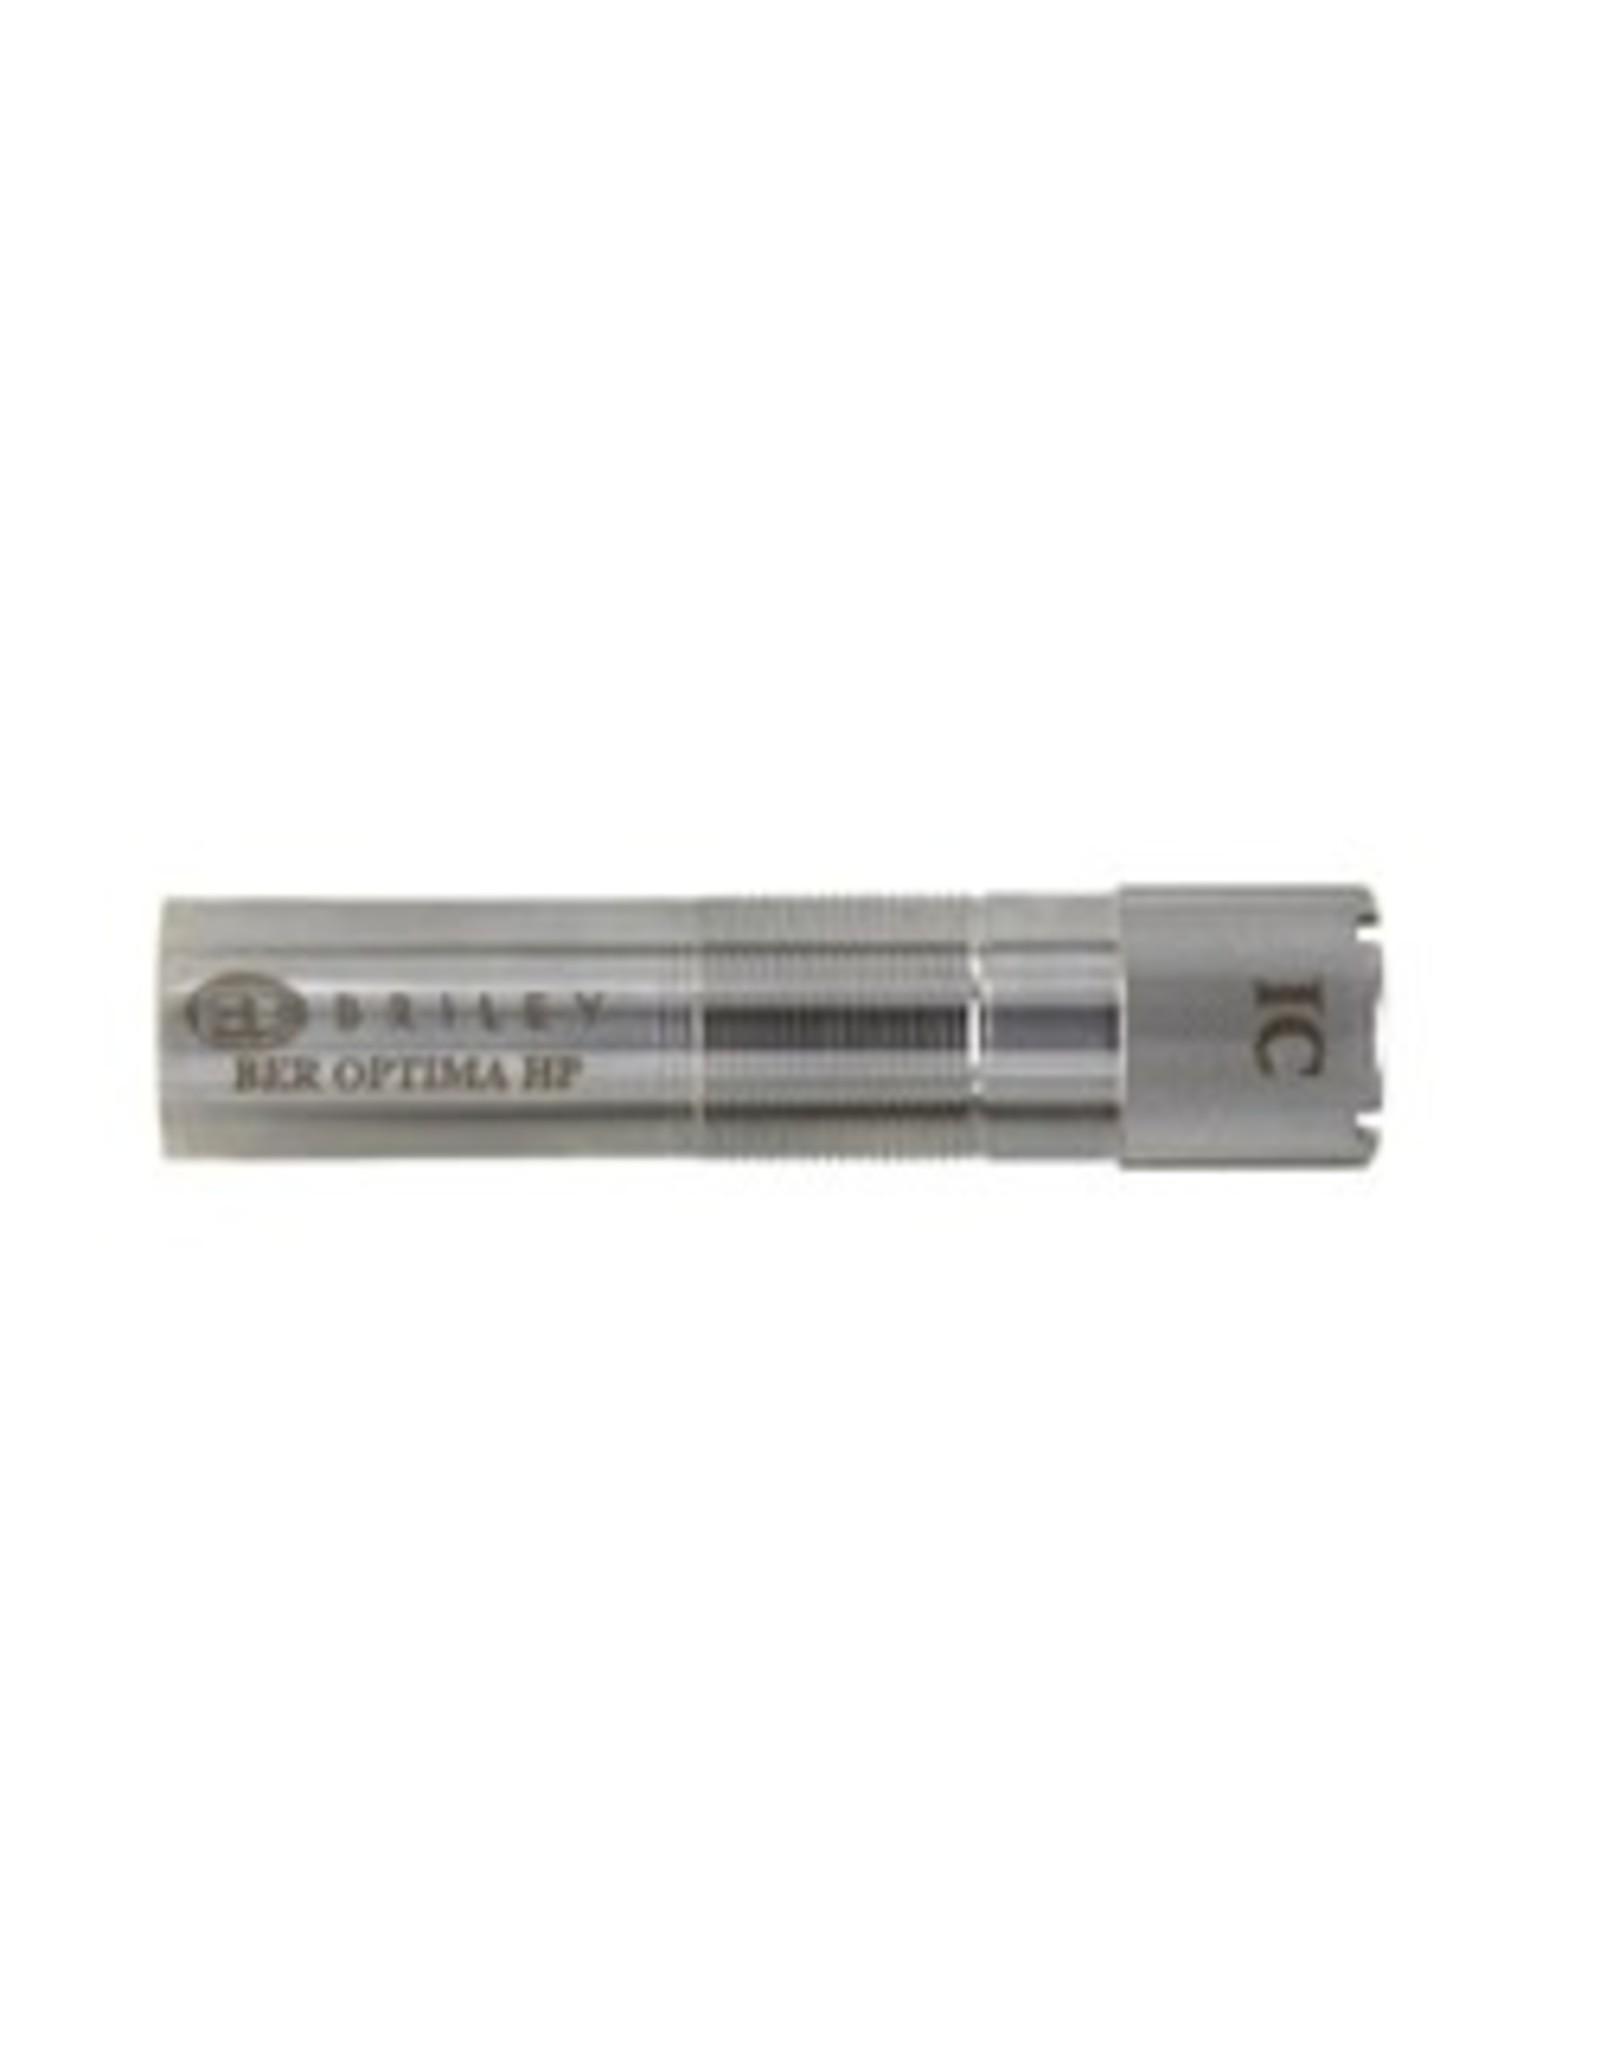 Briley Beretta Optima HP 12ga Ext SS - Extra Full